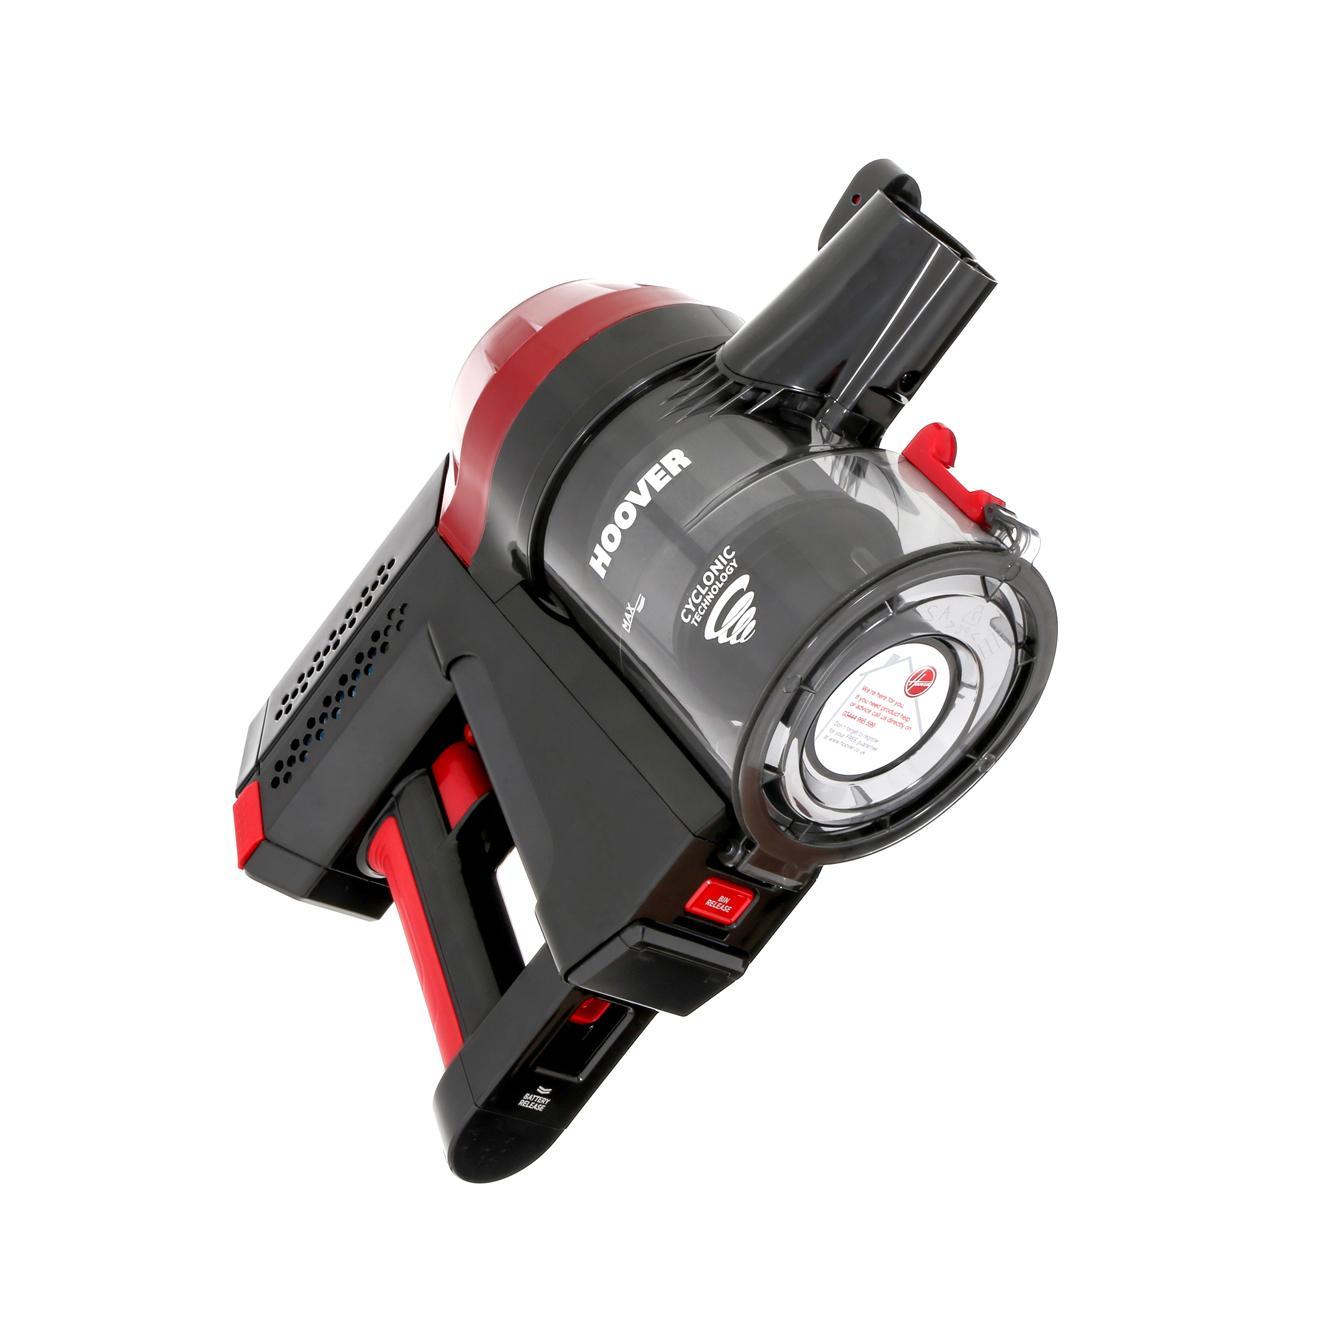 Buy Hoover Fd22br Hand Held Vacuum Cleaner Red Black